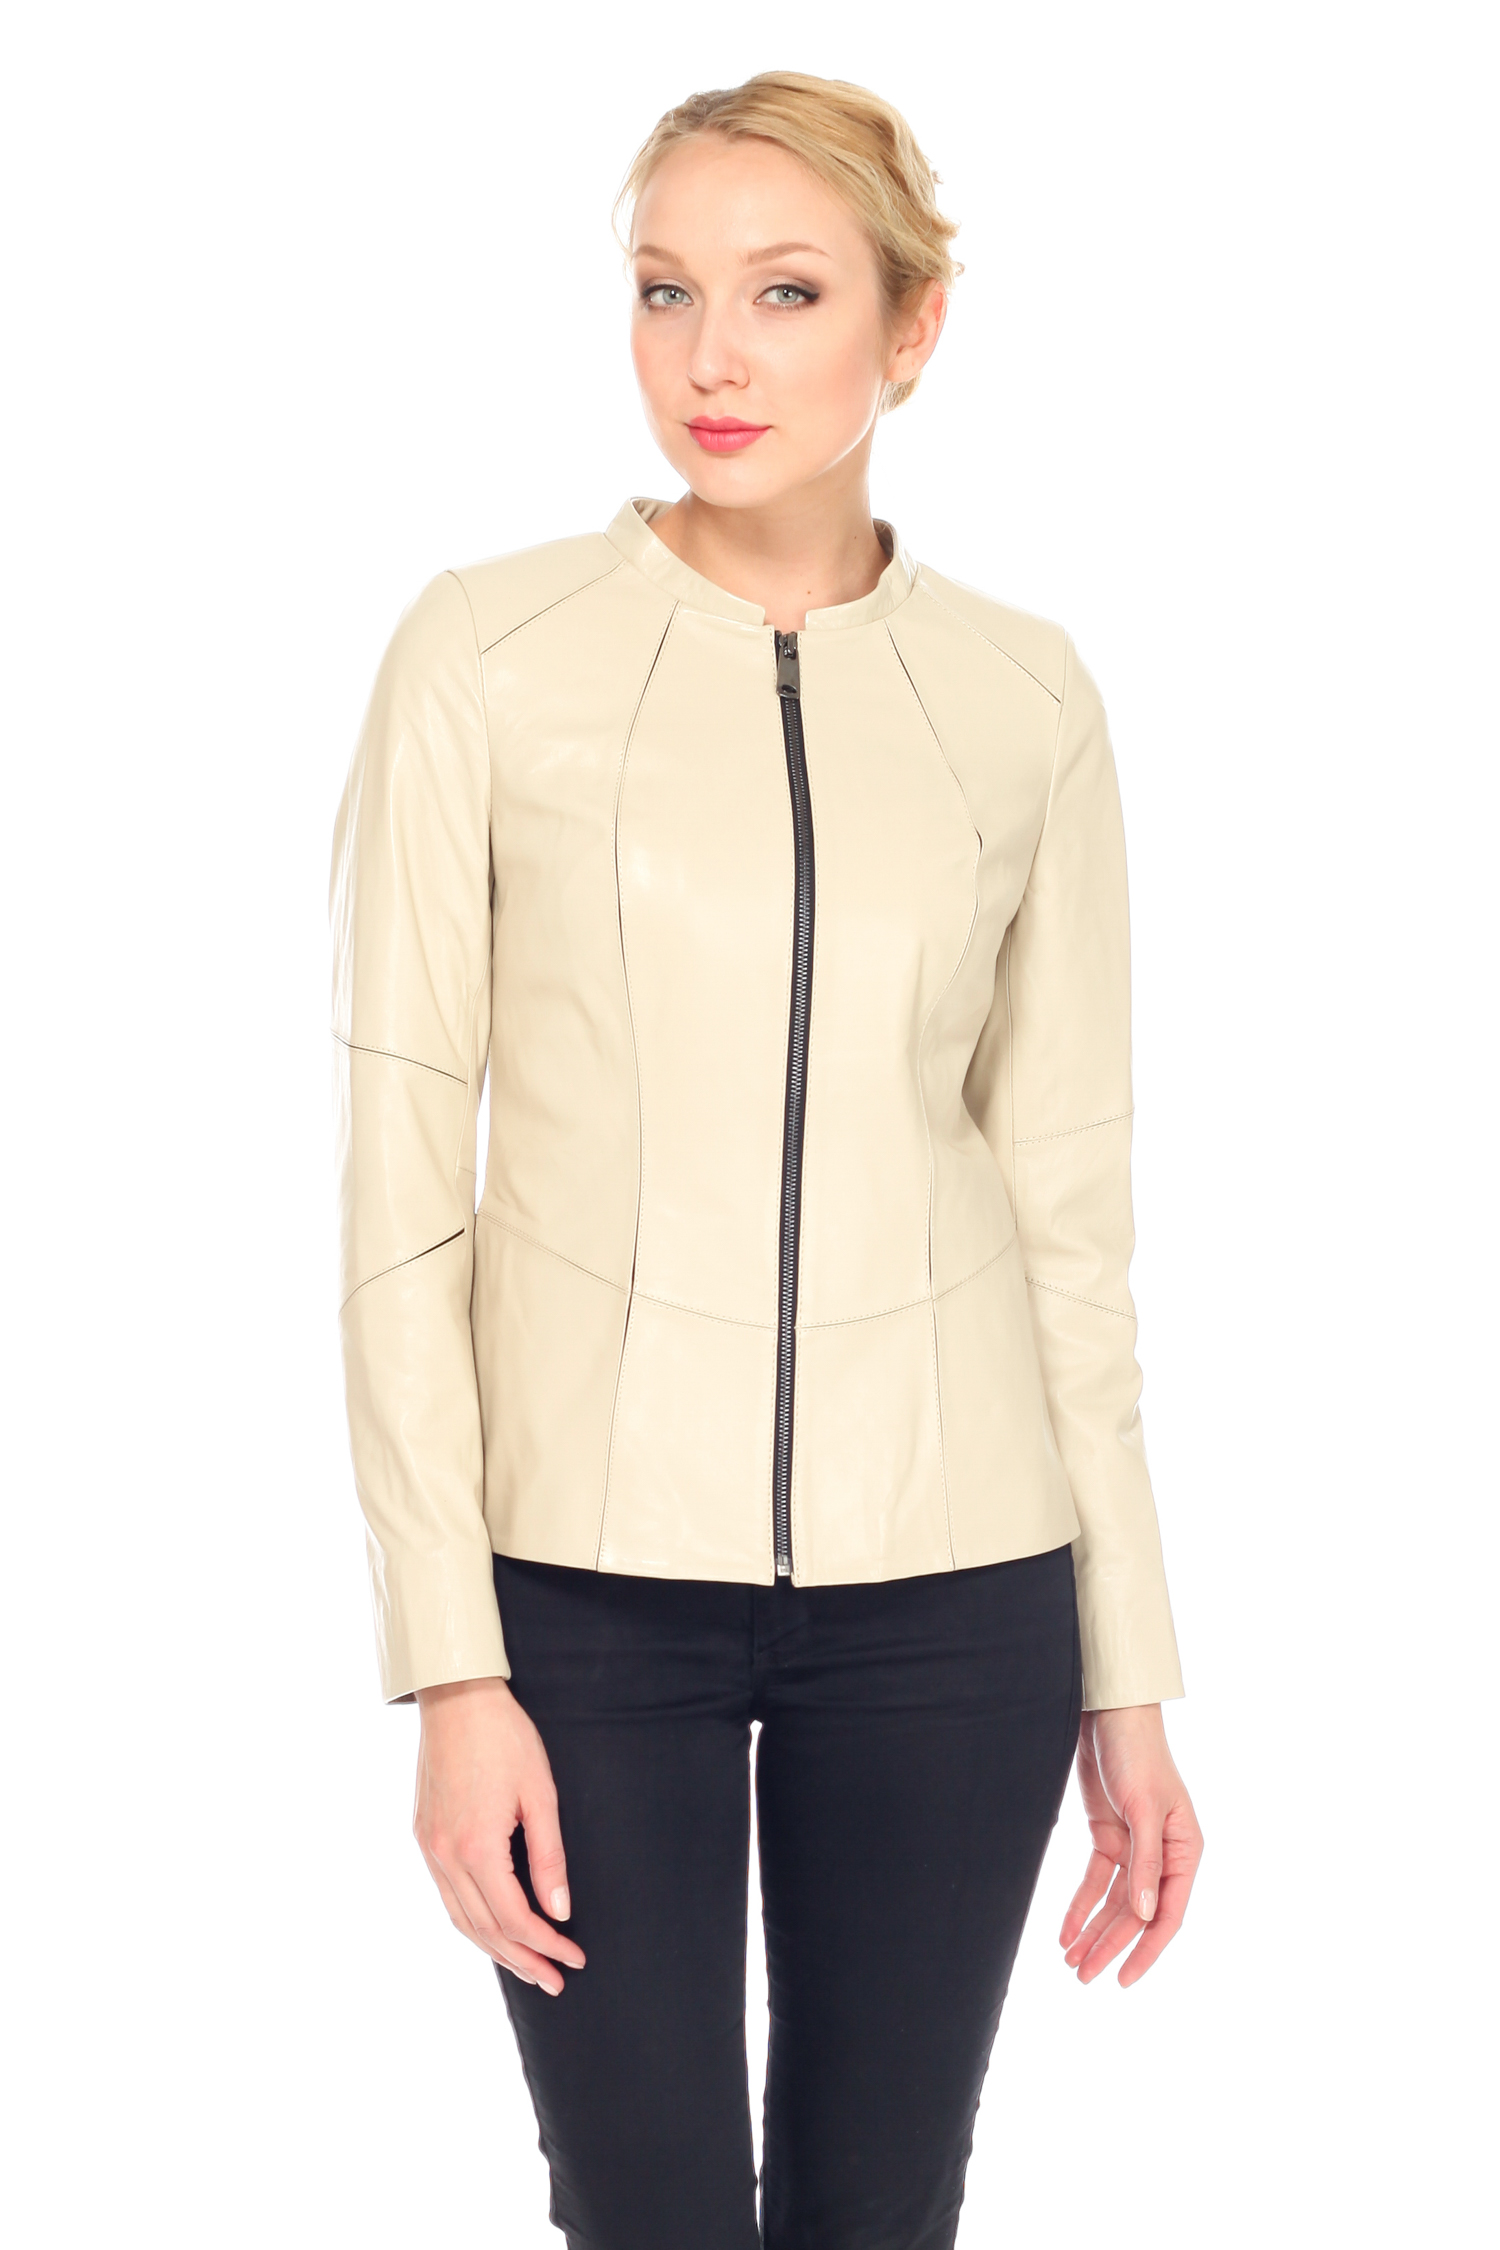 Женская кожаная куртка из натуральной кожи, без отделки<br><br>Длина см: Короткая (51-74 )<br>Материал: Кожа овчина<br>Цвет: бежевый<br>Пол: Женский<br>Размер RU: 52